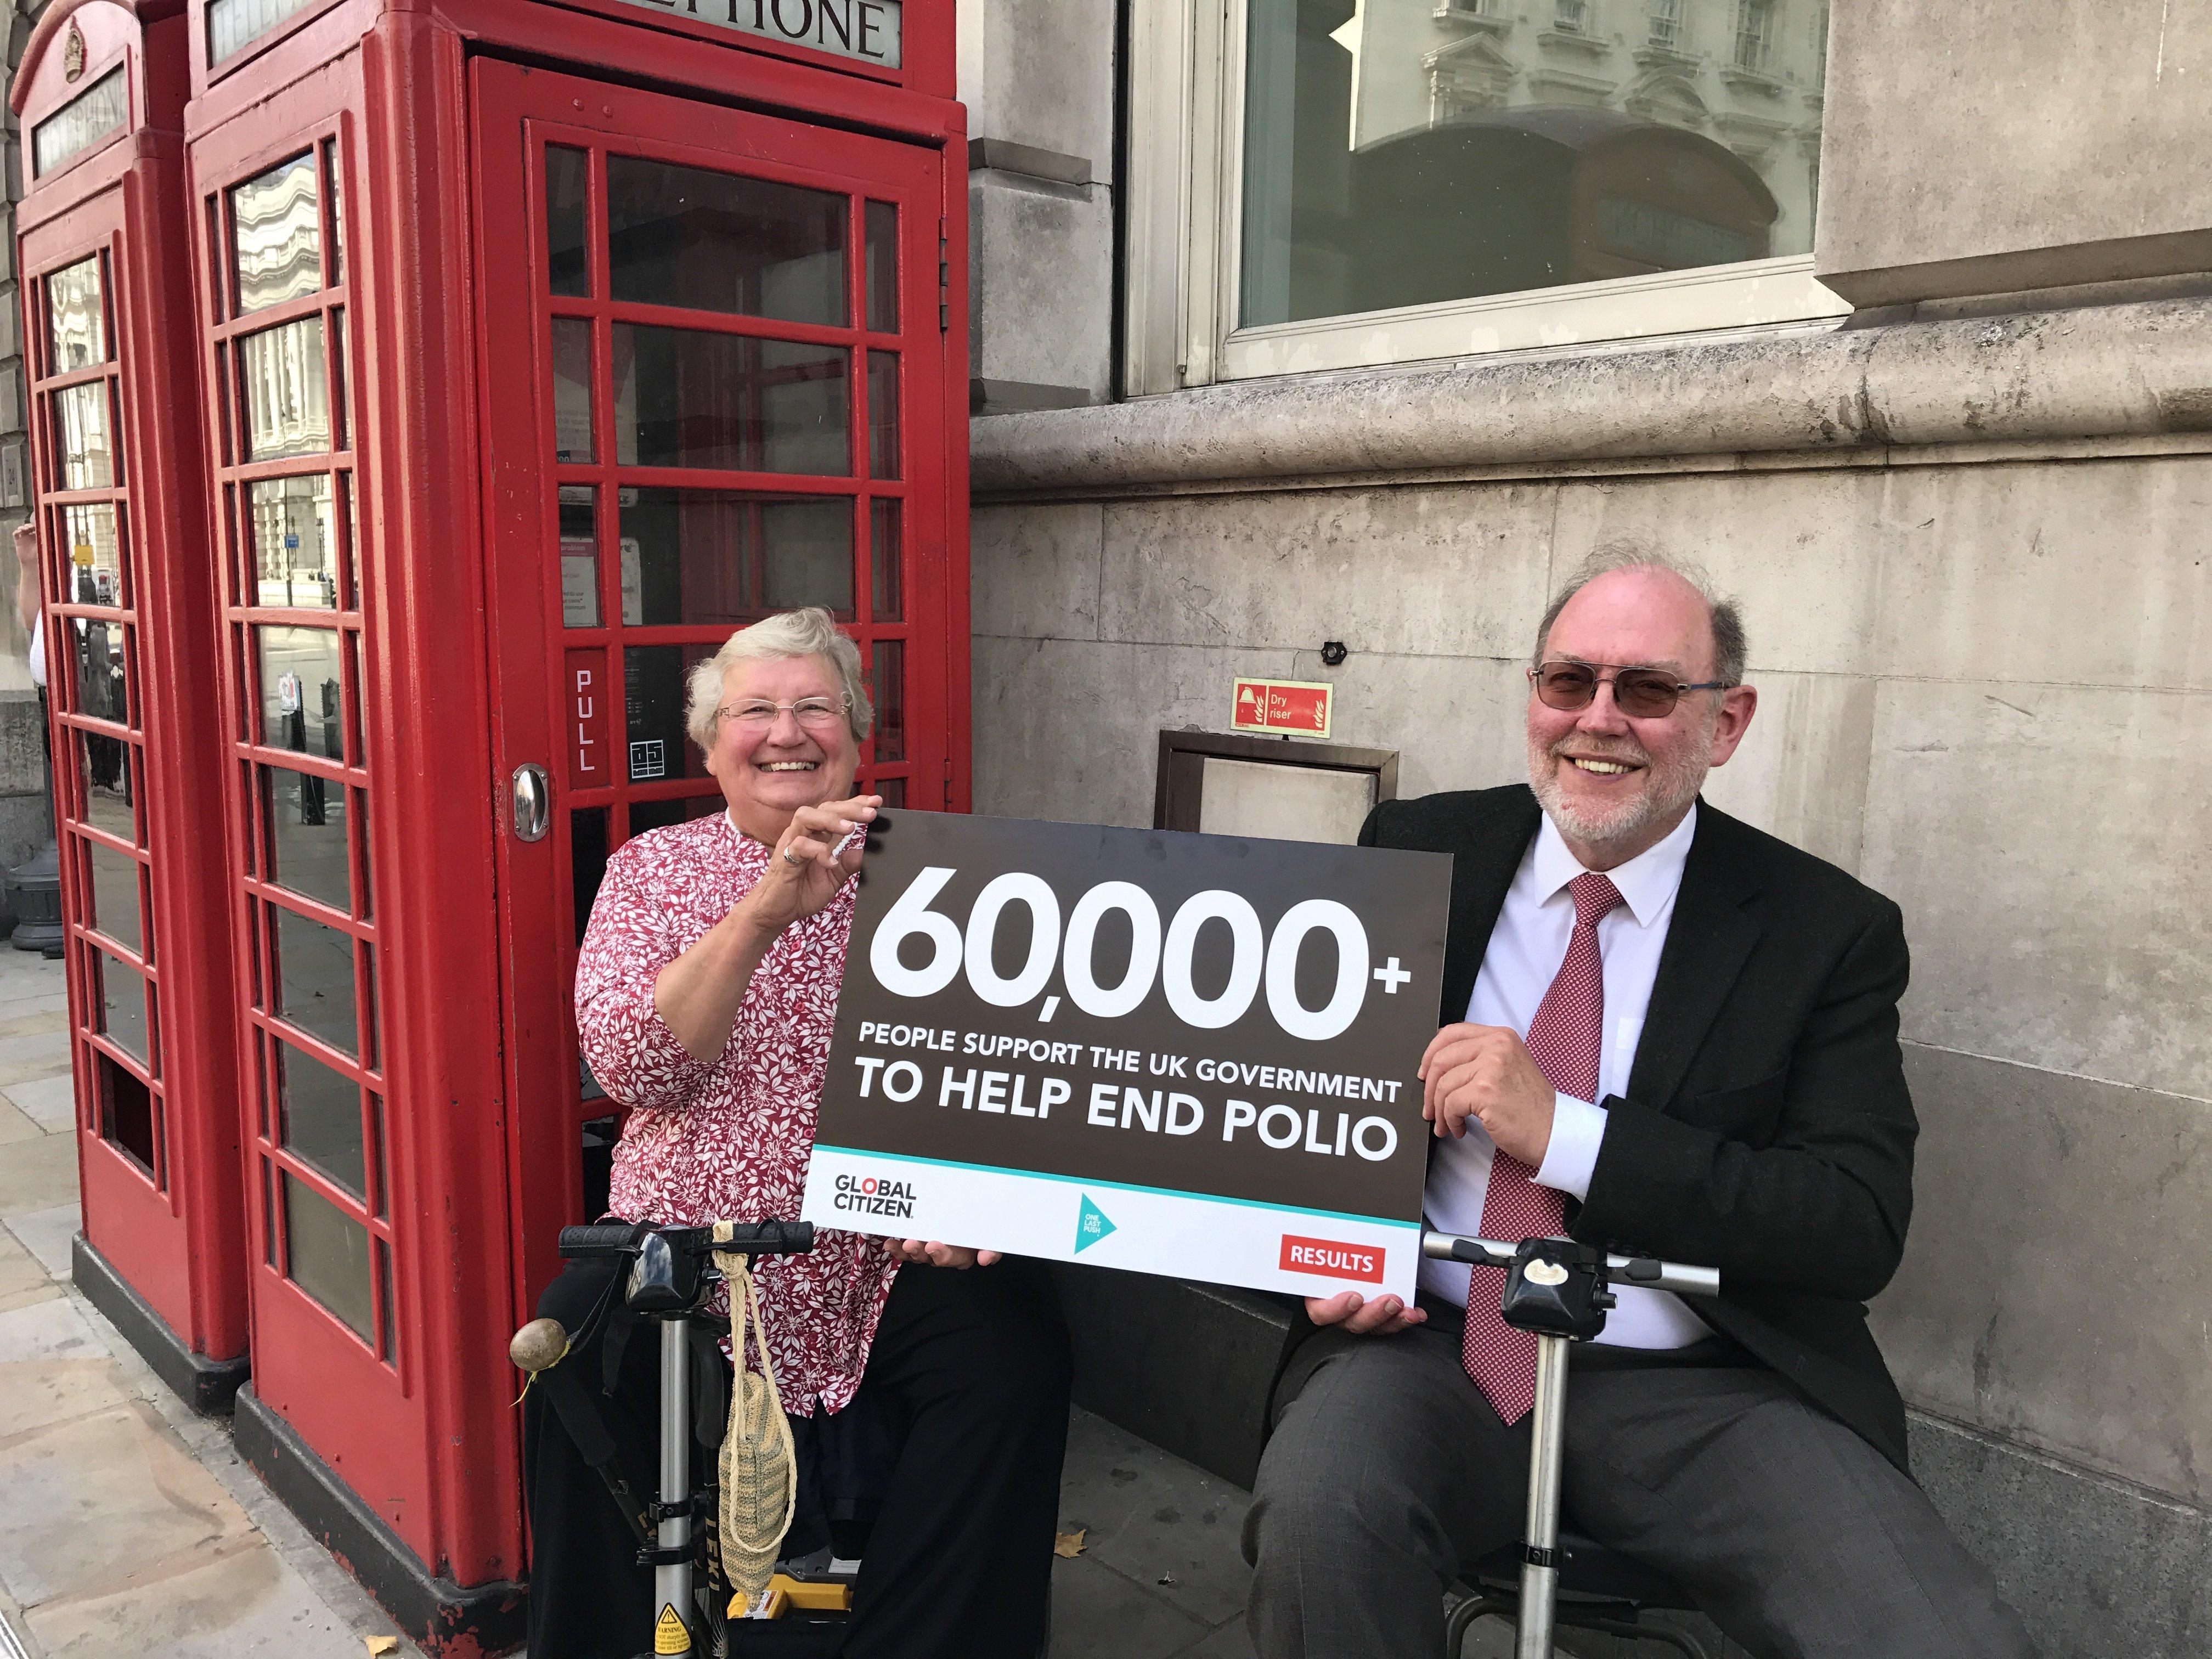 David and sue smith polio campaign